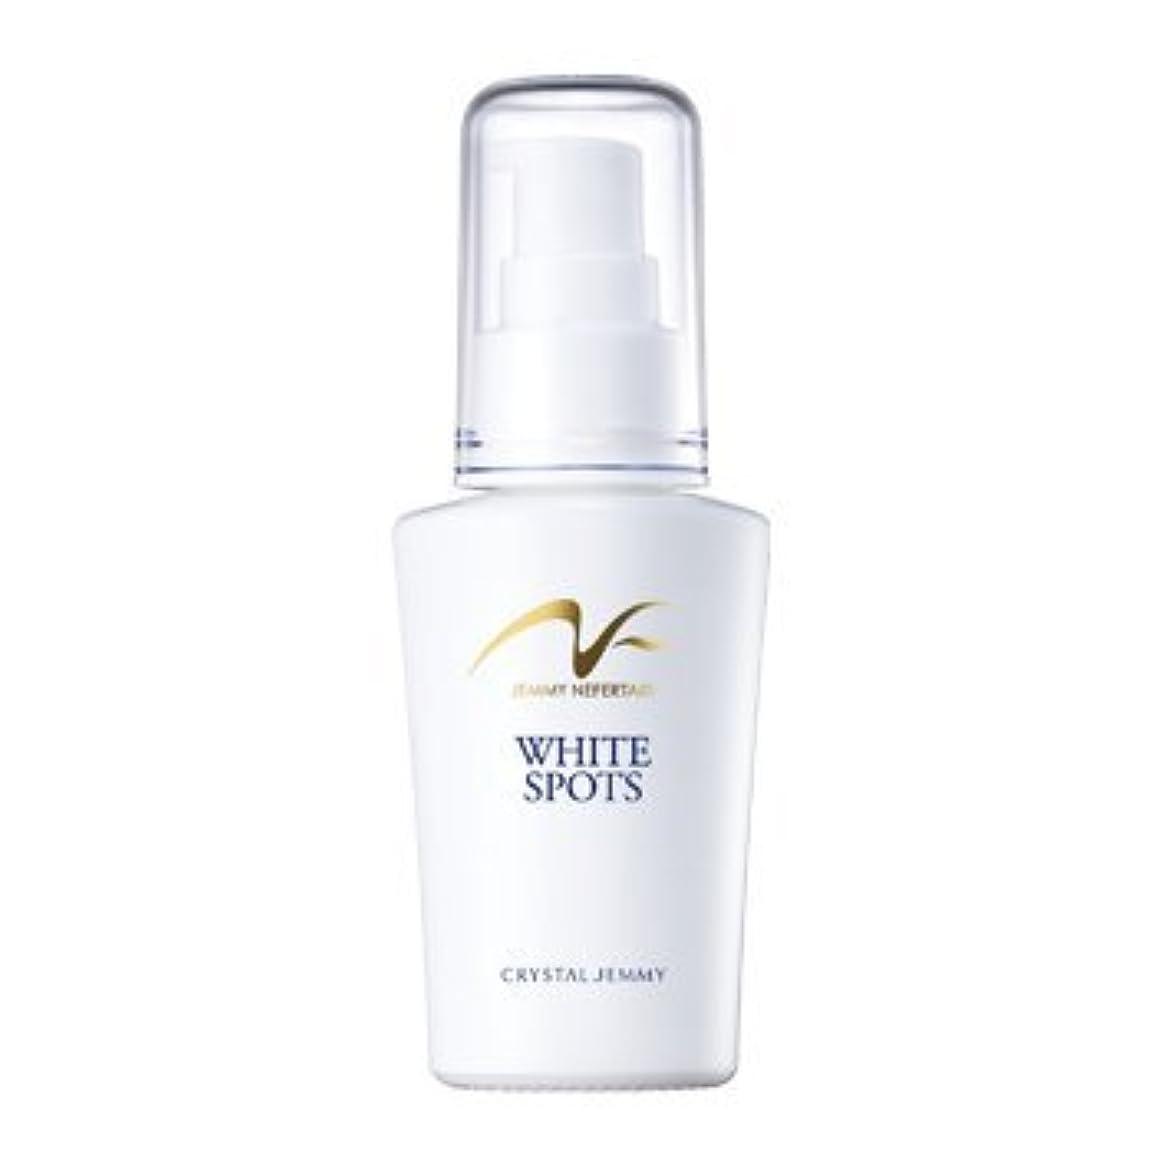 ラバ暗いやりがいのあるクリスタルジェミー ジェミーネフェルタリ薬用ホワイトスポッツ 美容液 美白 集中 シミ 対策